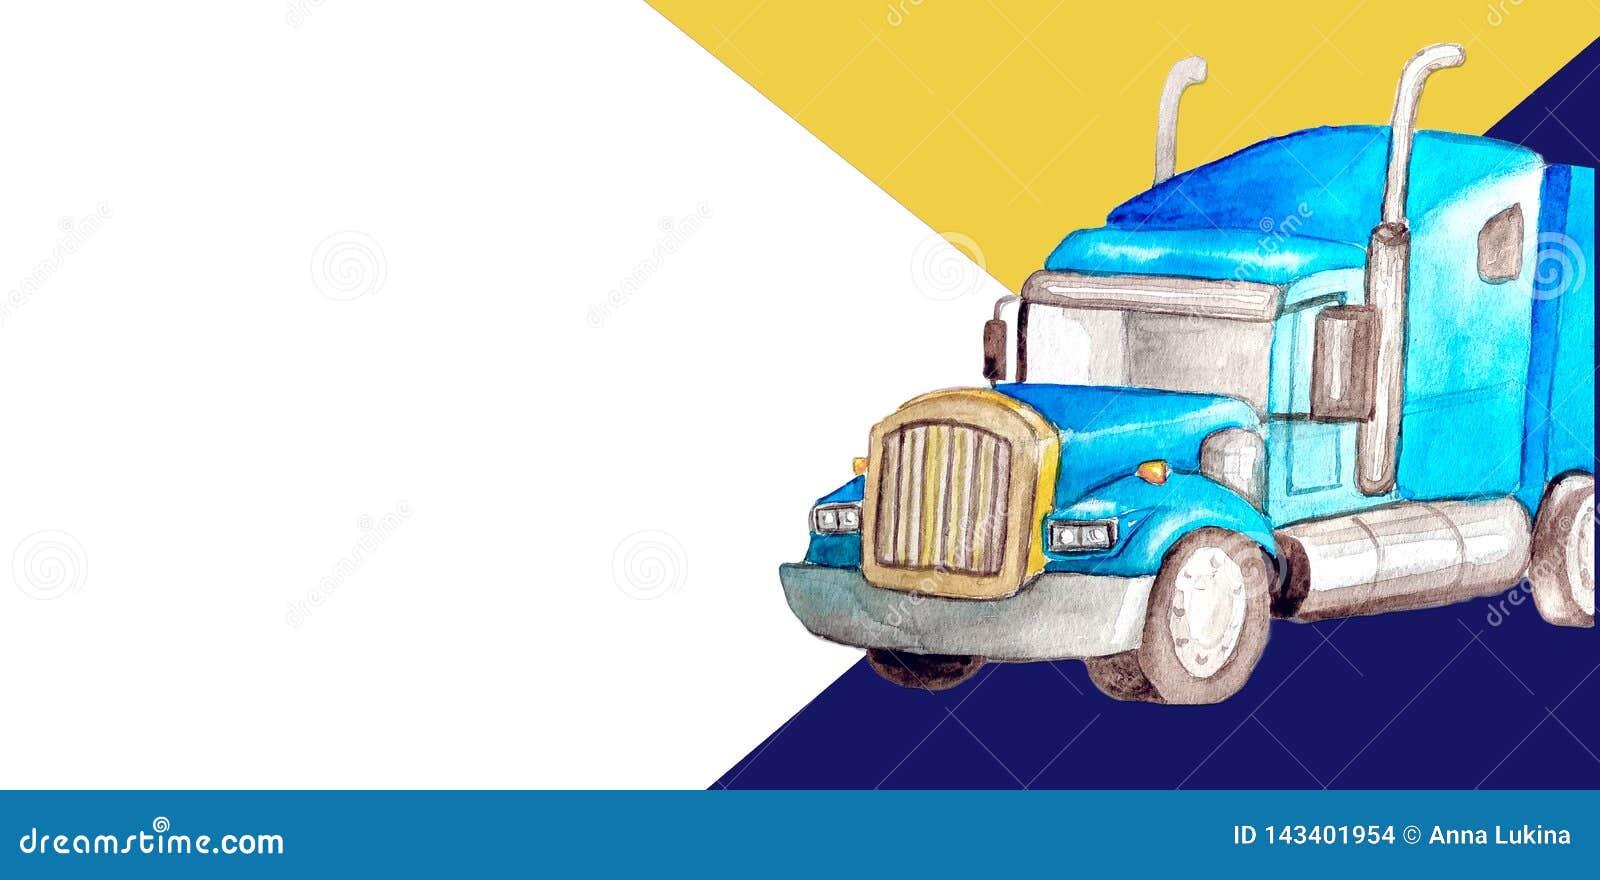 Halv-släp för vattenfärg för mallaffärskort blå främre lastbil som en traktorenhet och halv-släp som bär frakter